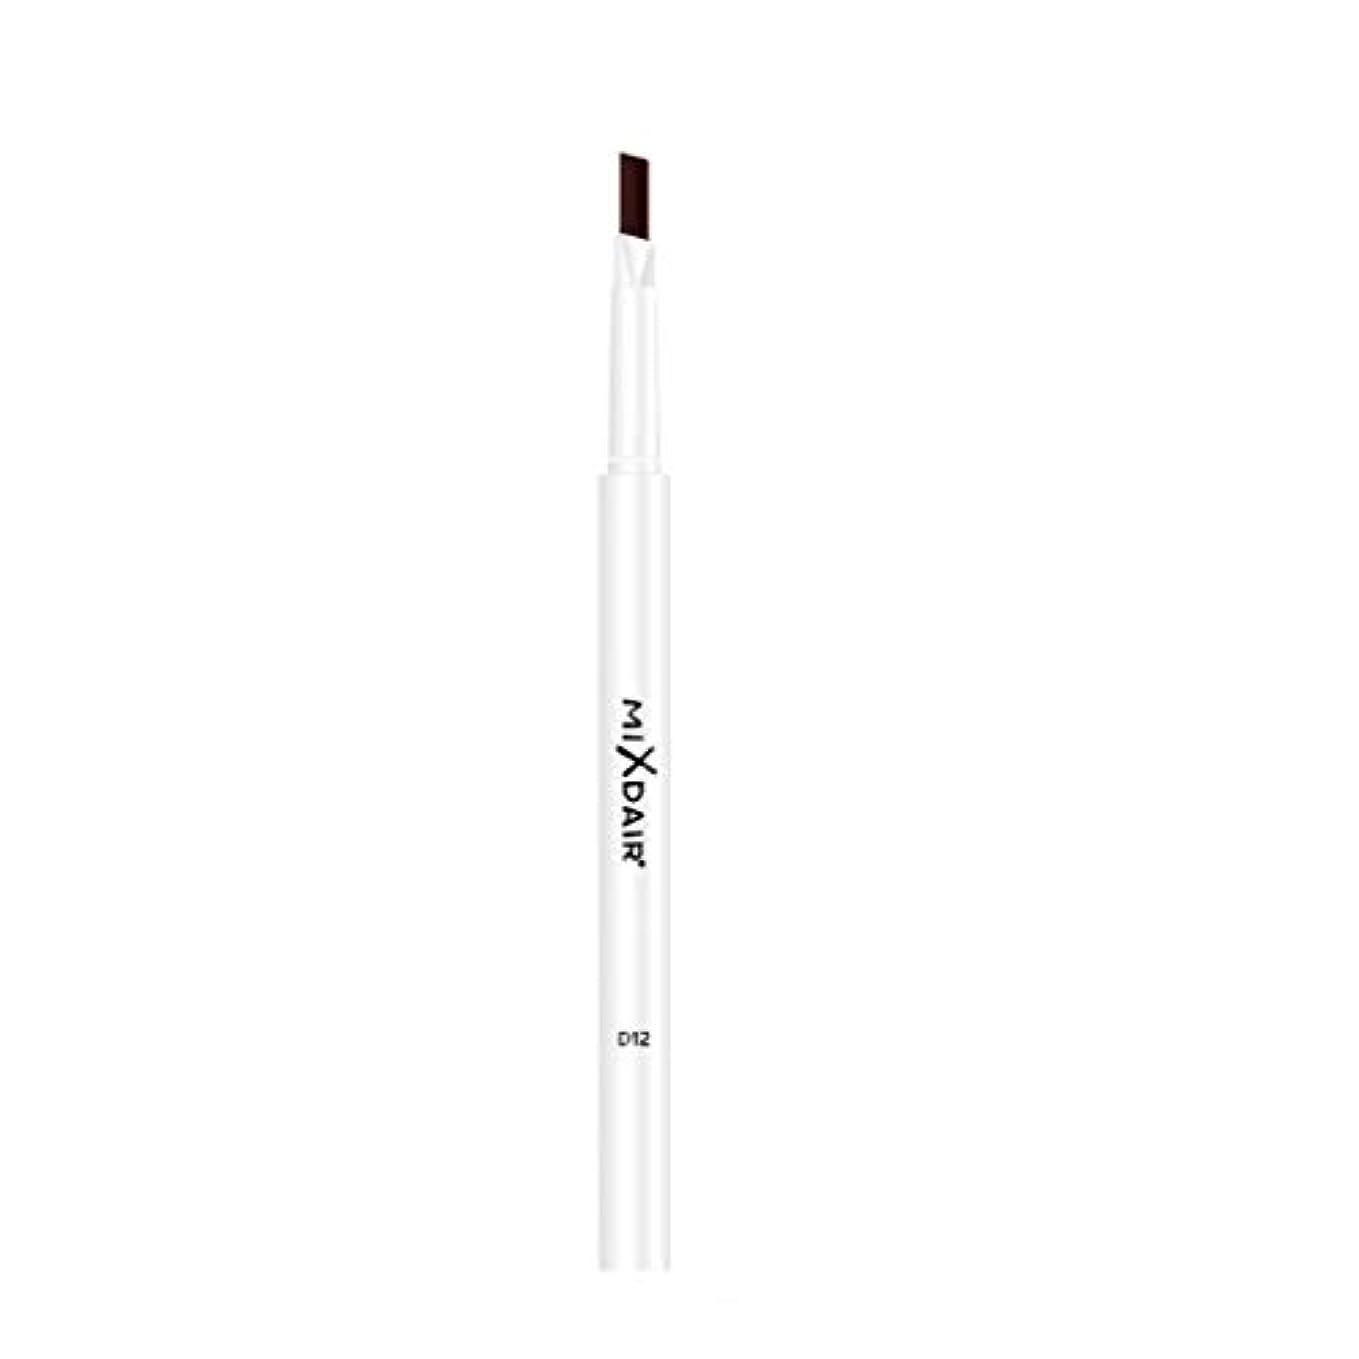 入手します偽樫の木ブラシ防水汗防止および非脱色化粧品が付いているMIXDAIR眉ペン